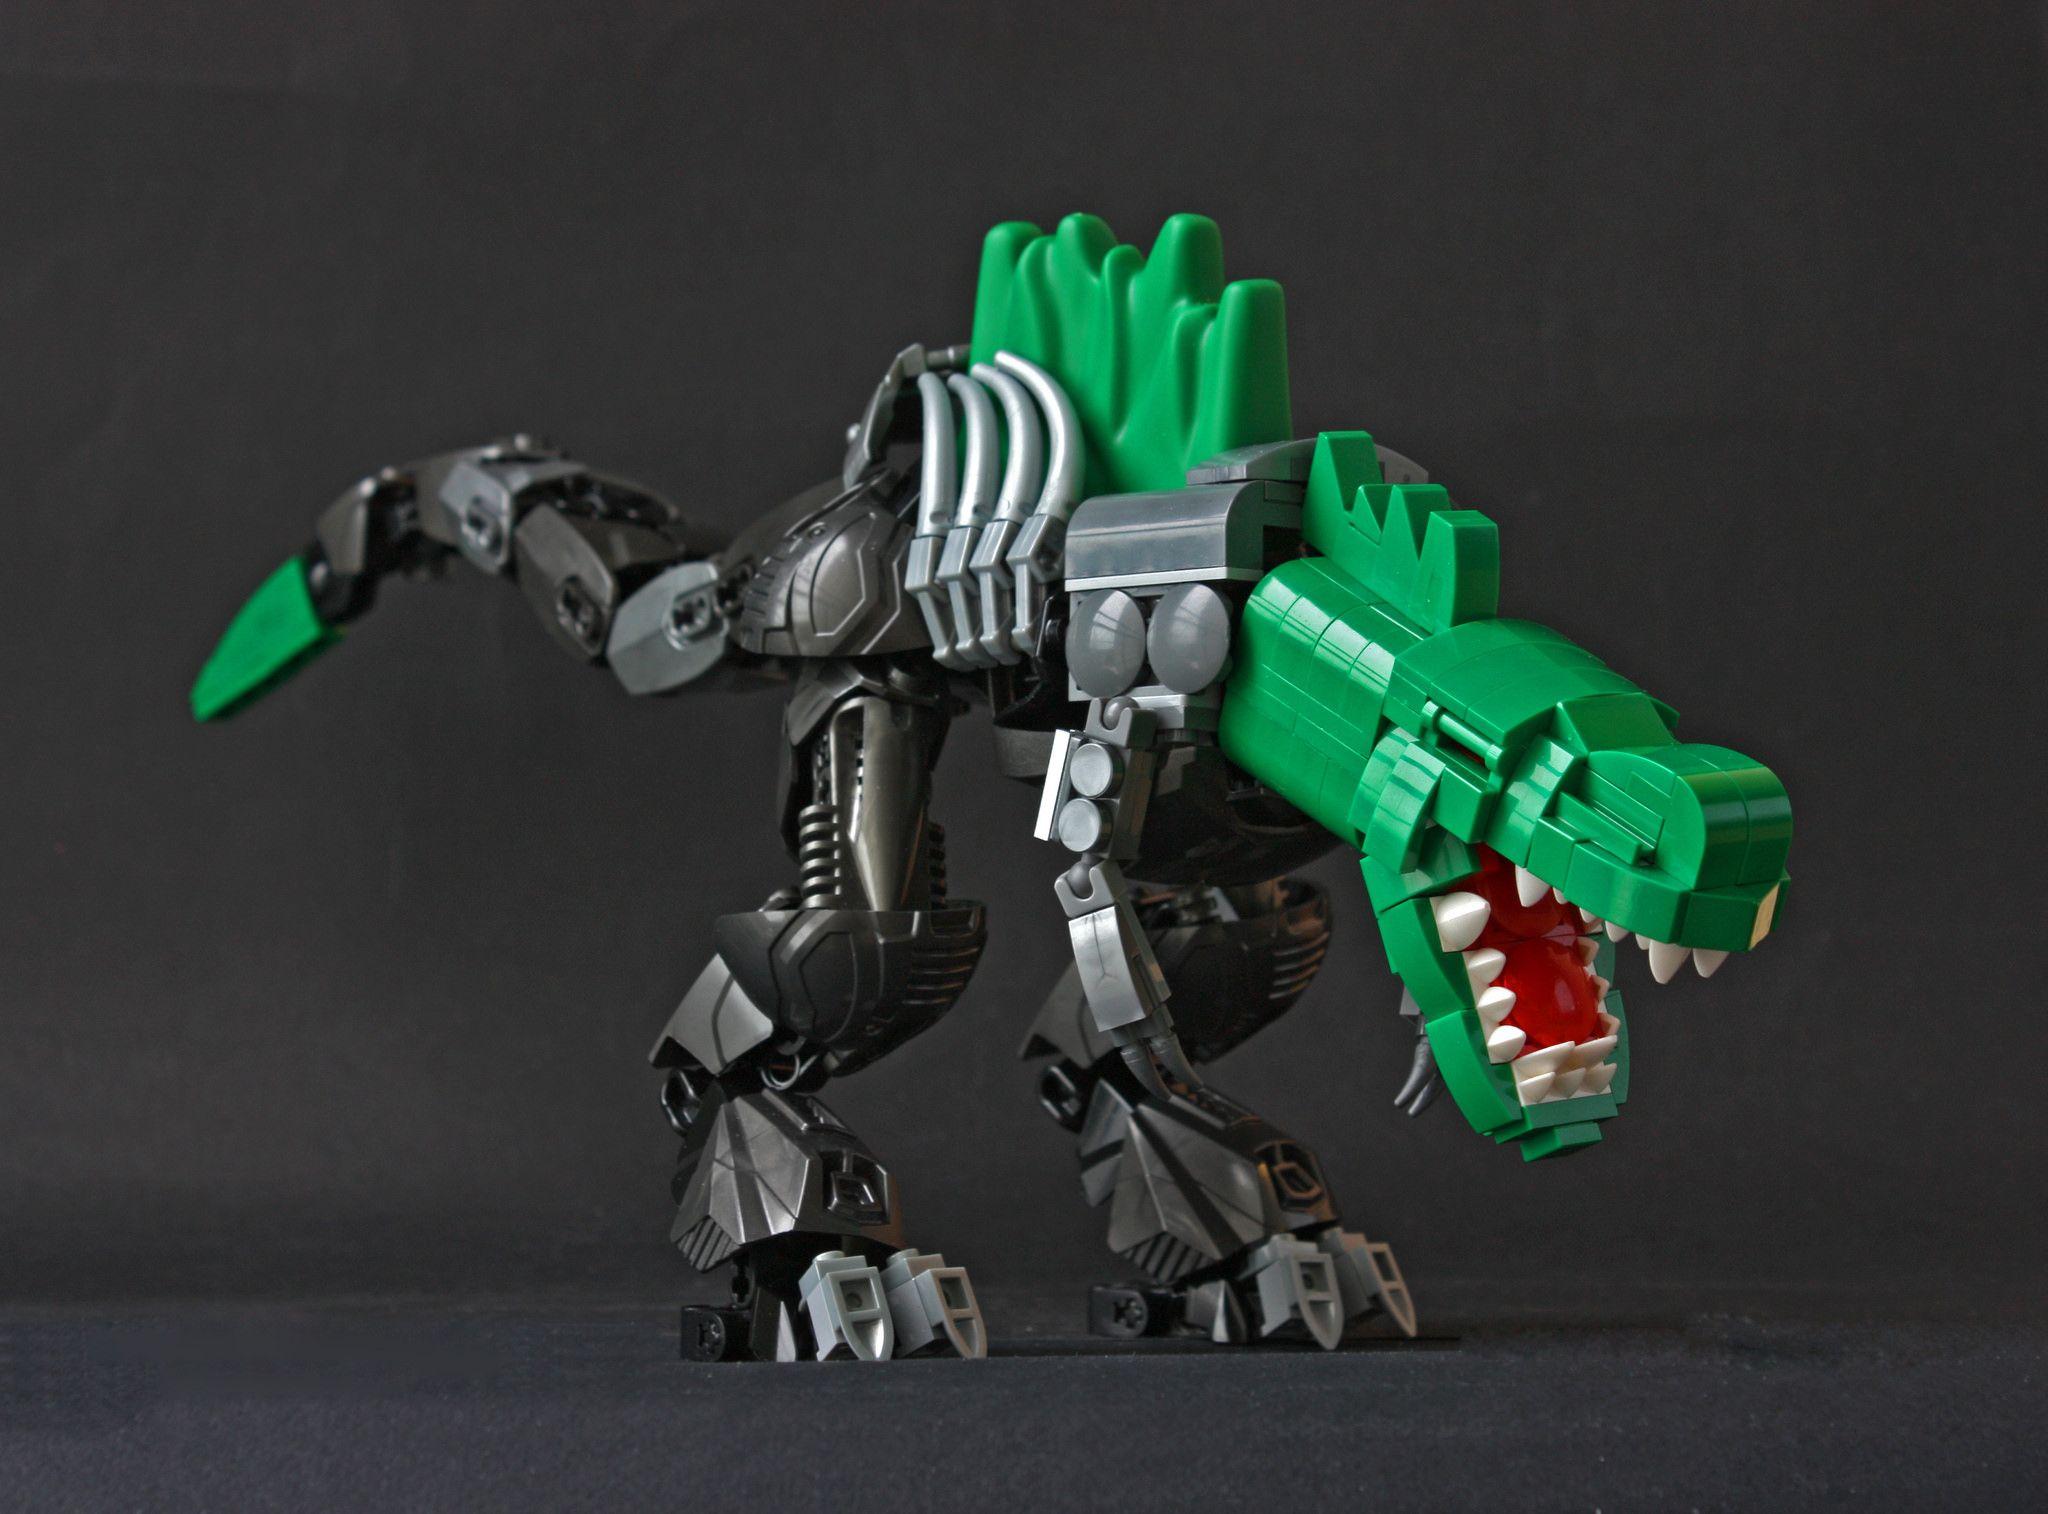 картинки лего роботов мутантов поврежден